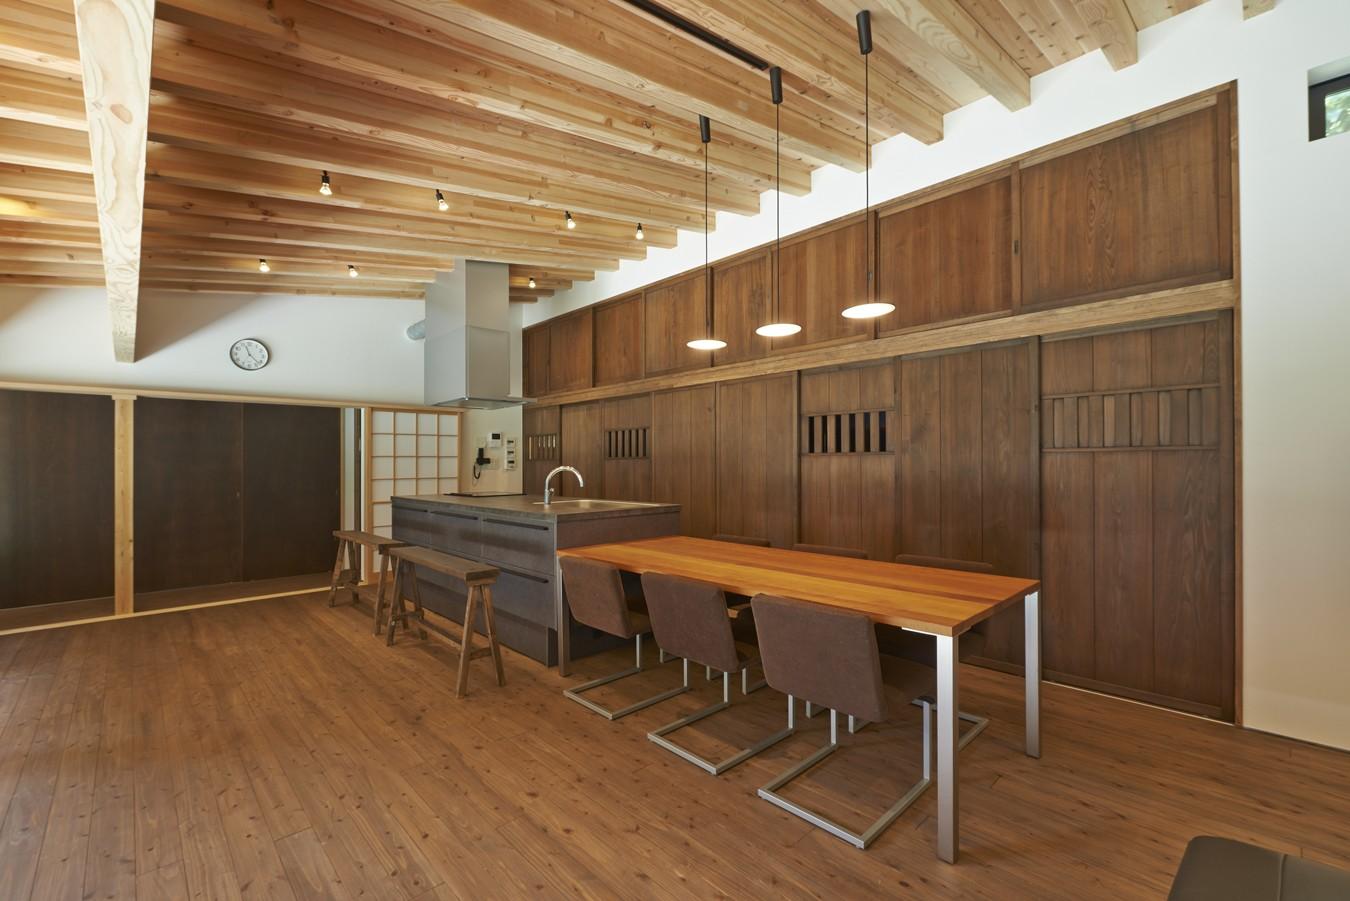 収納事例:建具に古材杉雨戸を利用したキッチン収納(稲村ヶ崎の住宅)